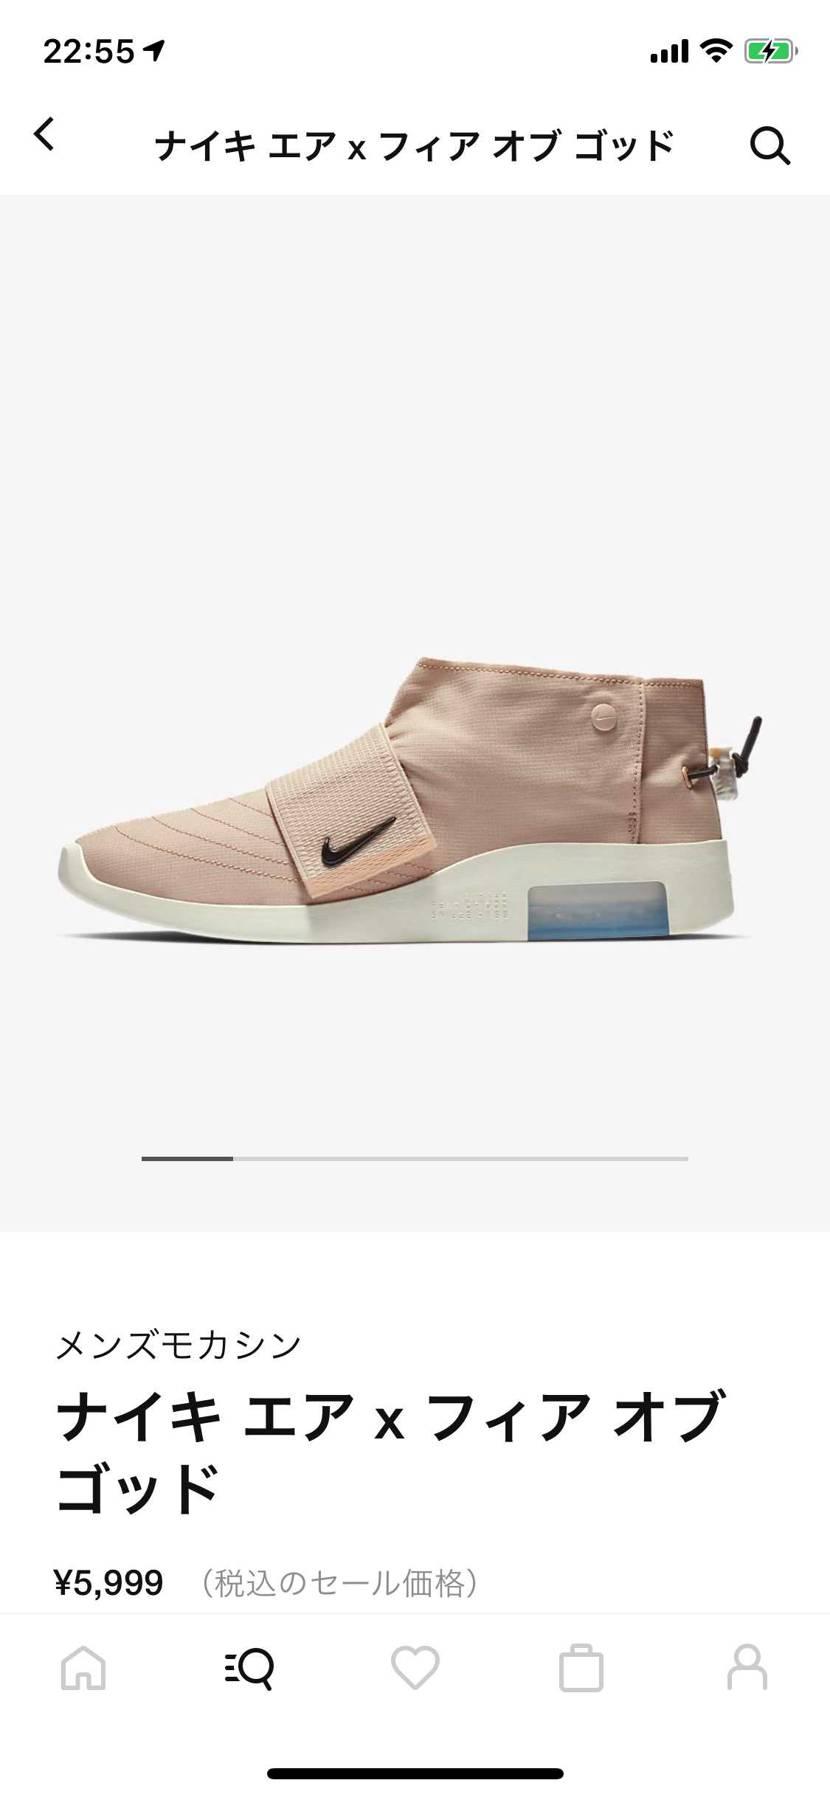 Nike.comで安かったから買ってみたんだが、コイツはどんなパンツに合うのかな